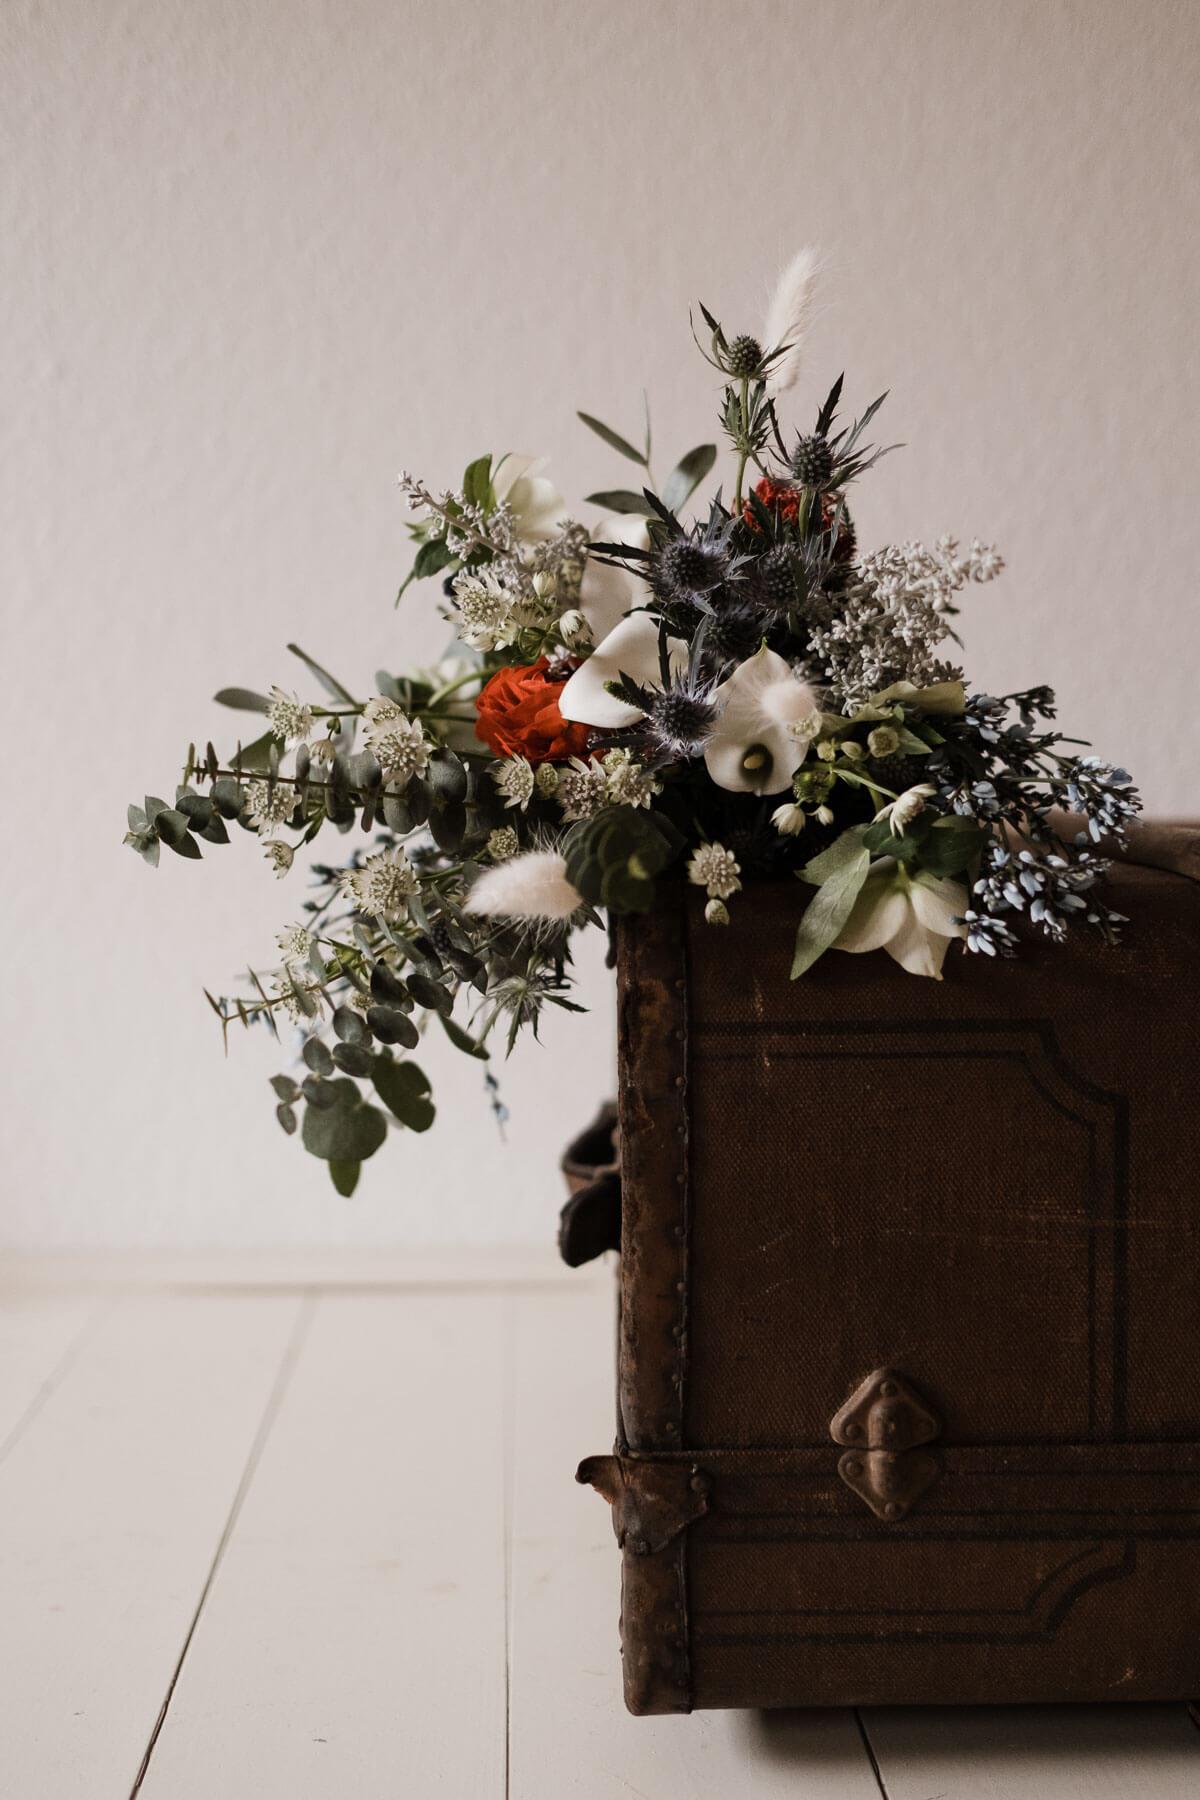 auf einer alten Holzkiste liegt ein großer Blumenstrauß, es sind u.a. Eukalyptus, Ranunkeln, Kugeldiesteln und Pampasgras